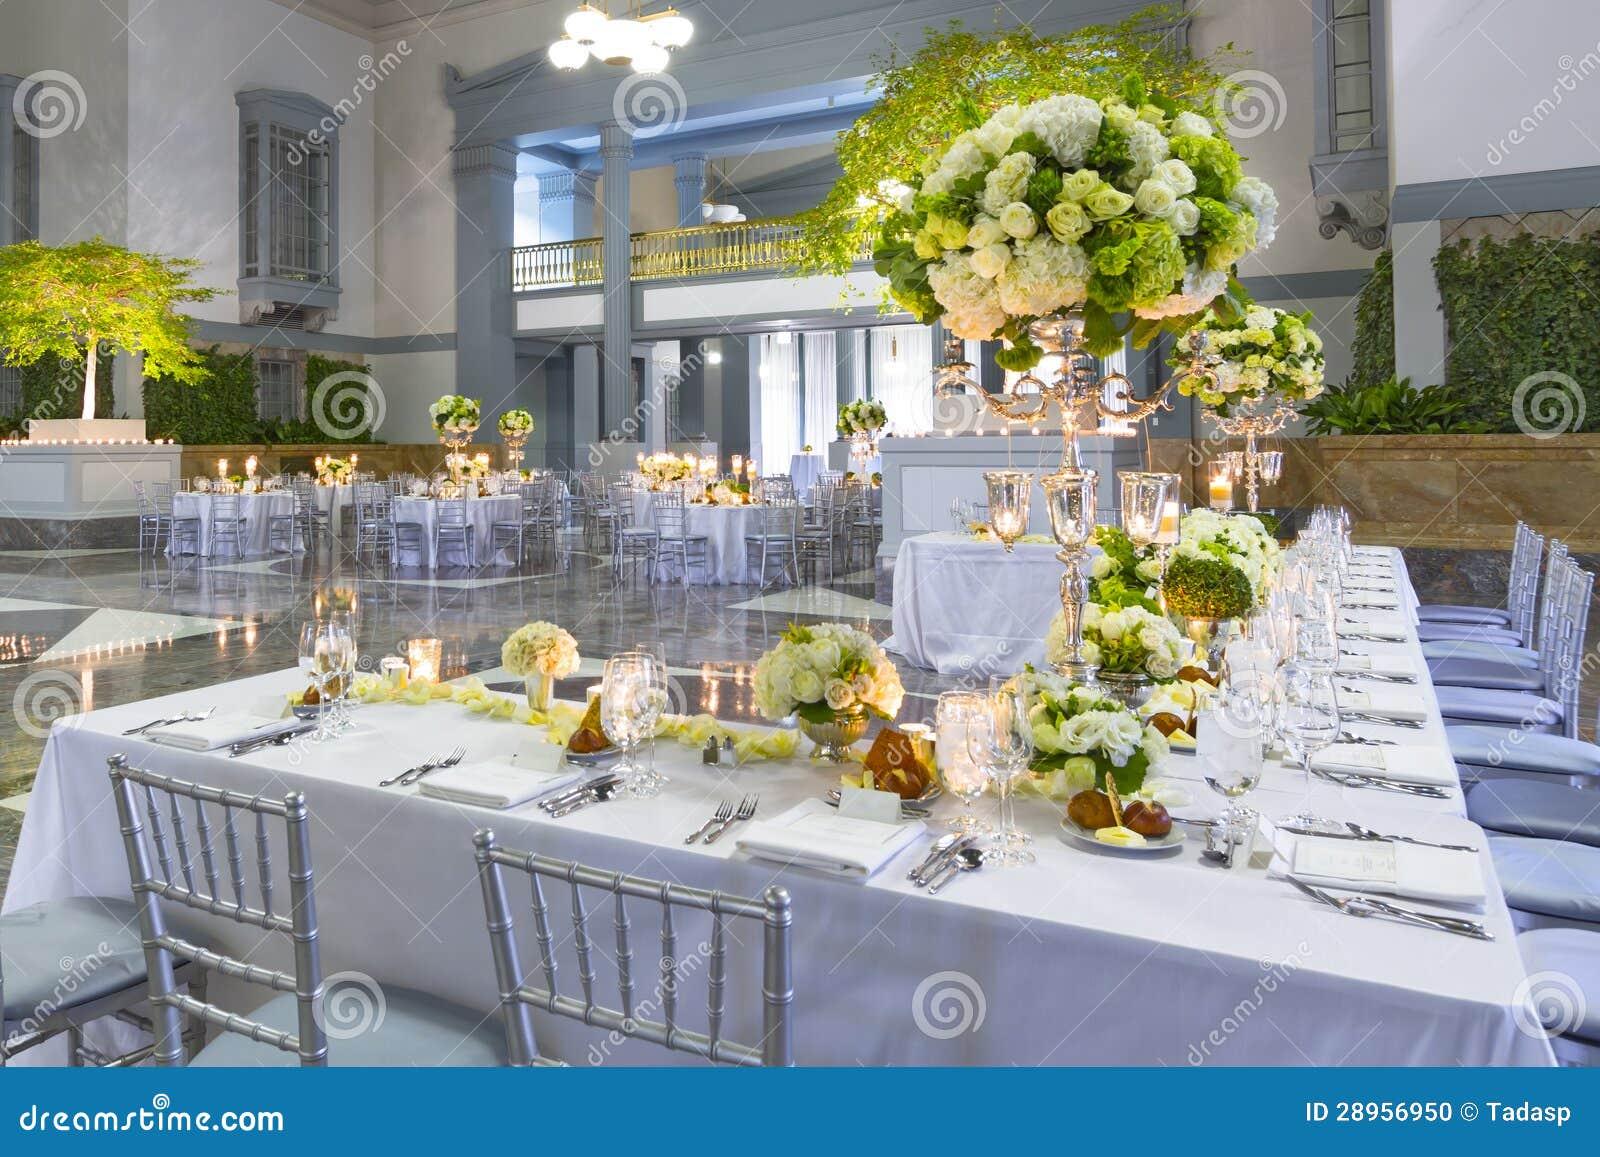 De decoratie van de lijst van het trefpunt van de gebeurtenis of van het huwelijk stock foto - Foto van decoratie interieur ...